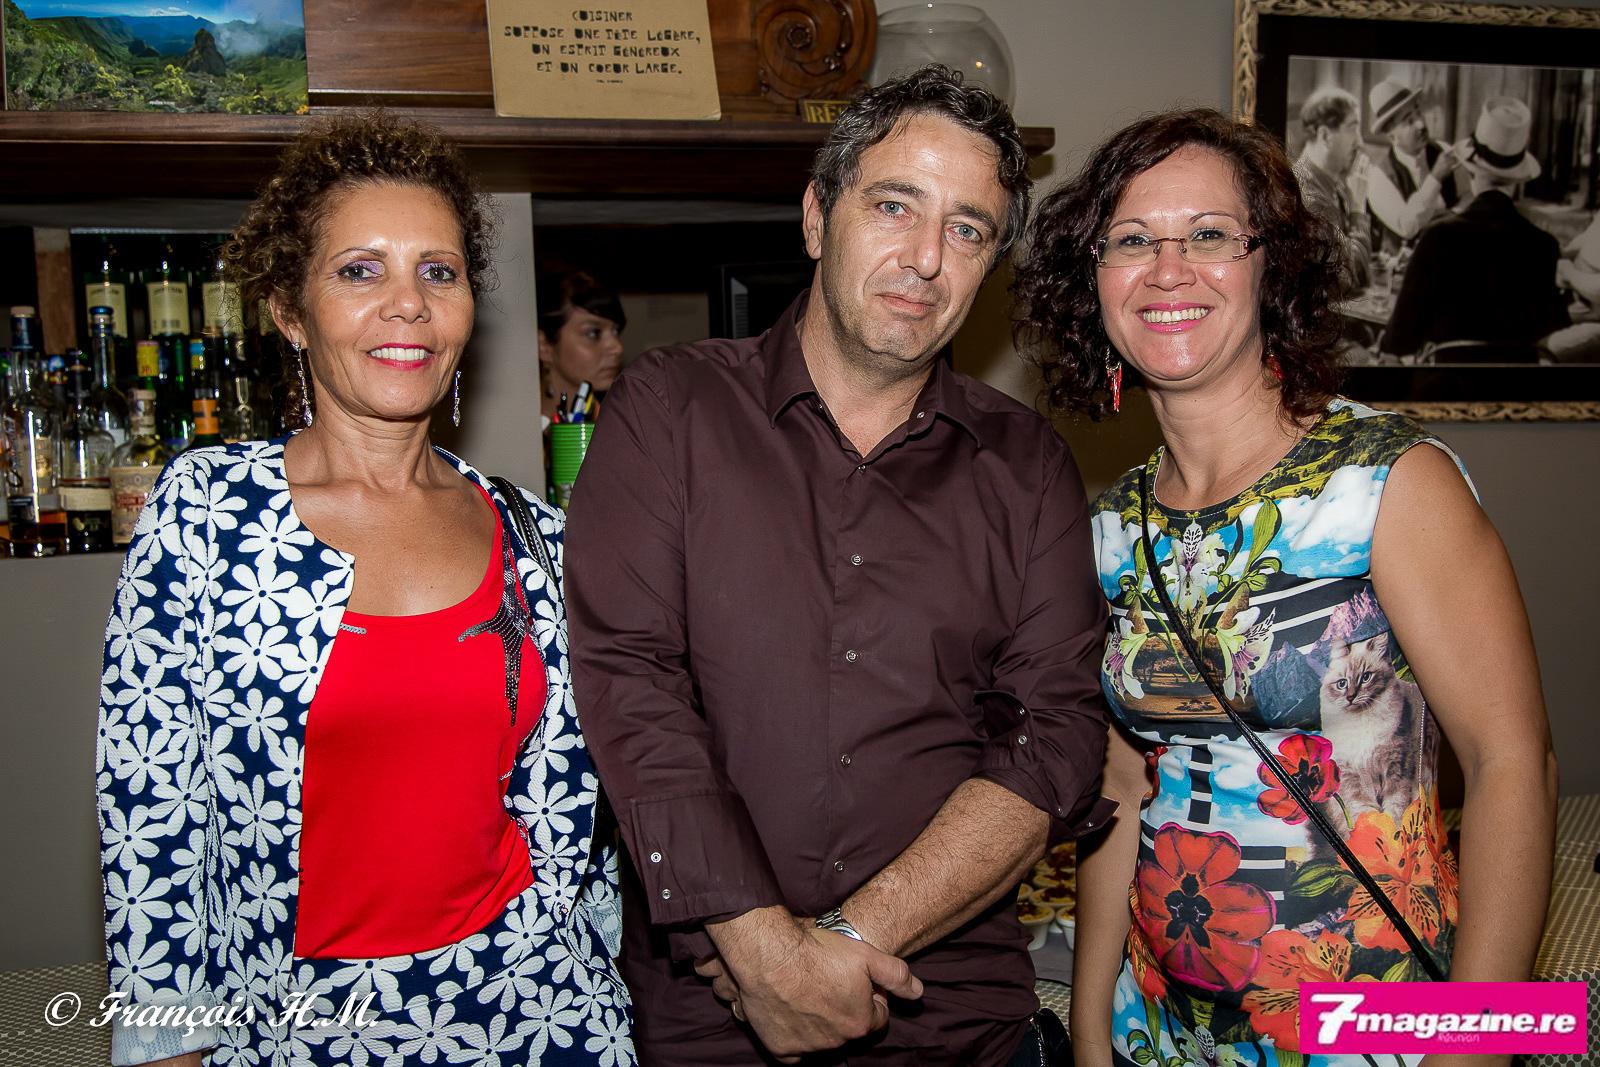 Marie-Annick Hélène de Capassur, Christophe Bossy Ascom Assurance, et Magali Pausé d'April Partenaires Réunion